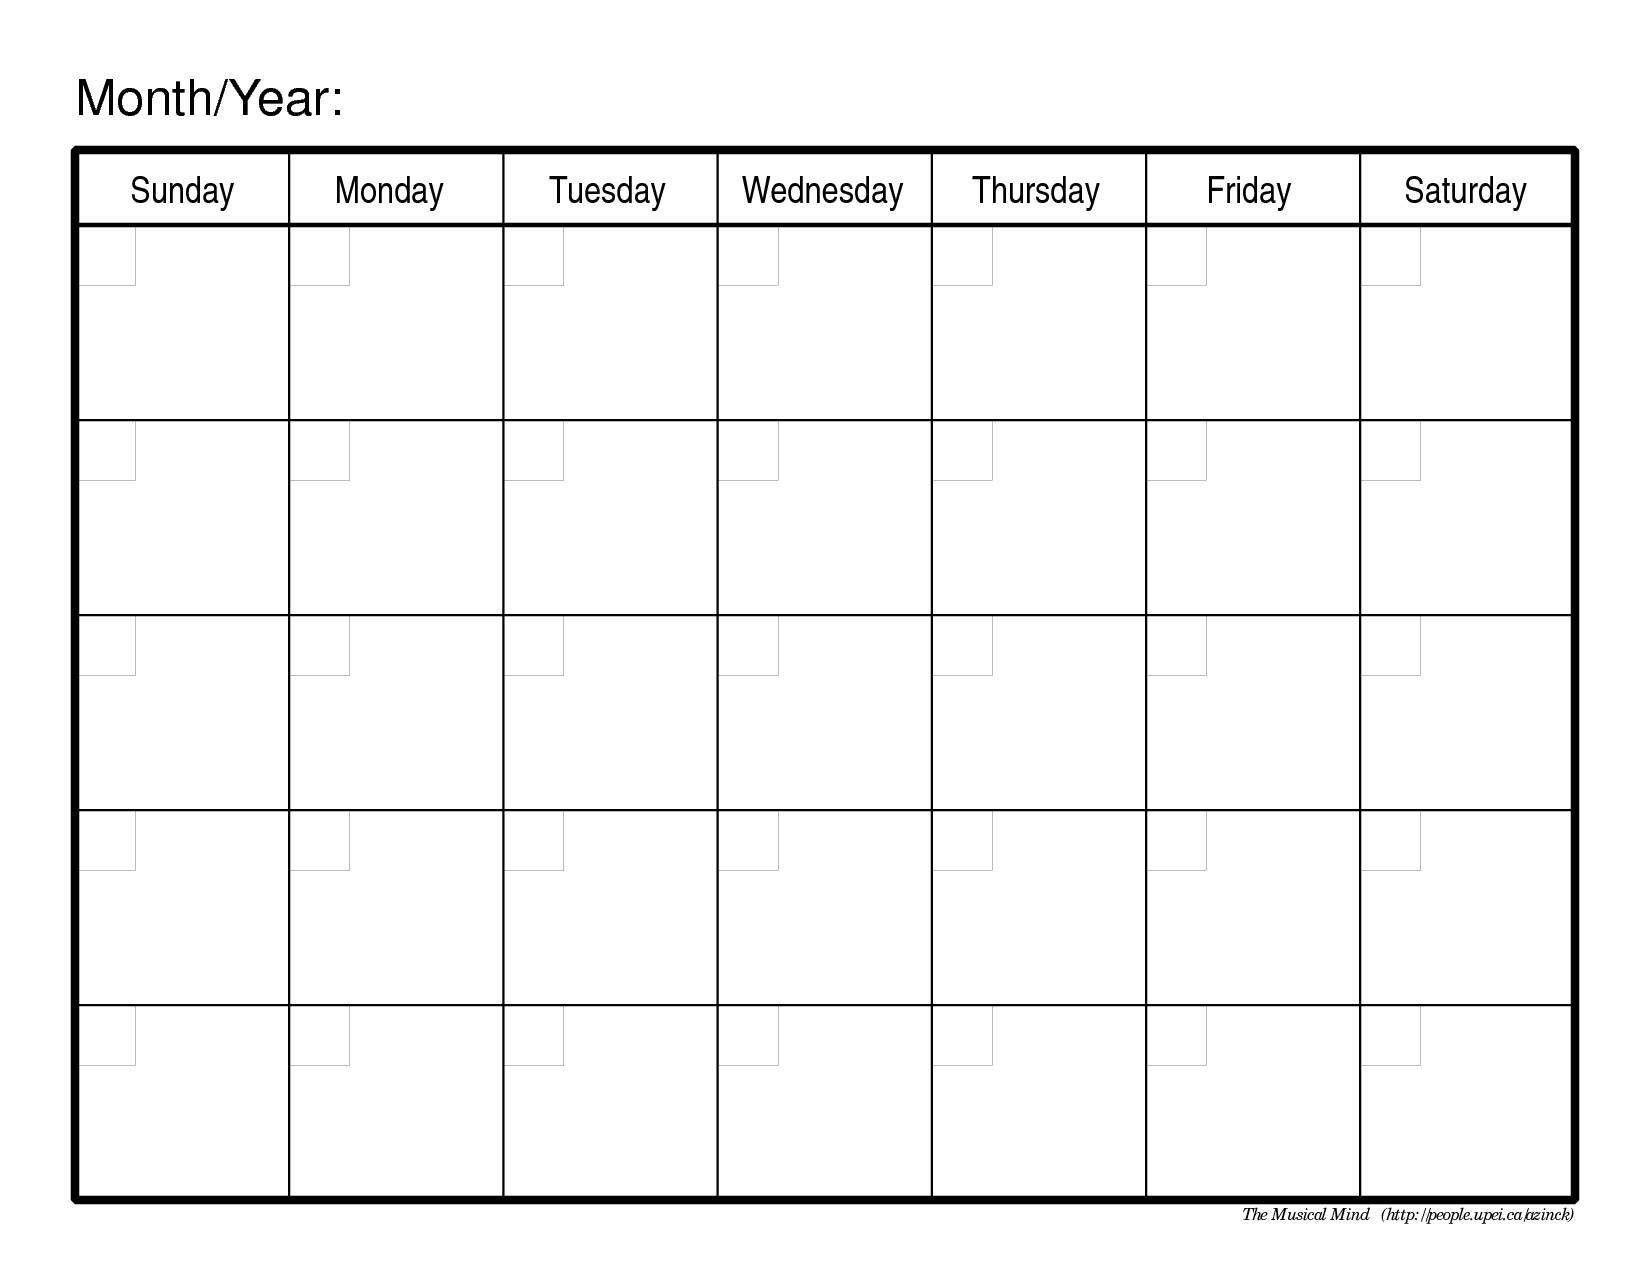 Monthly Calendar Template Weekly Calendar Template Month To  Calendar Month To Month Print